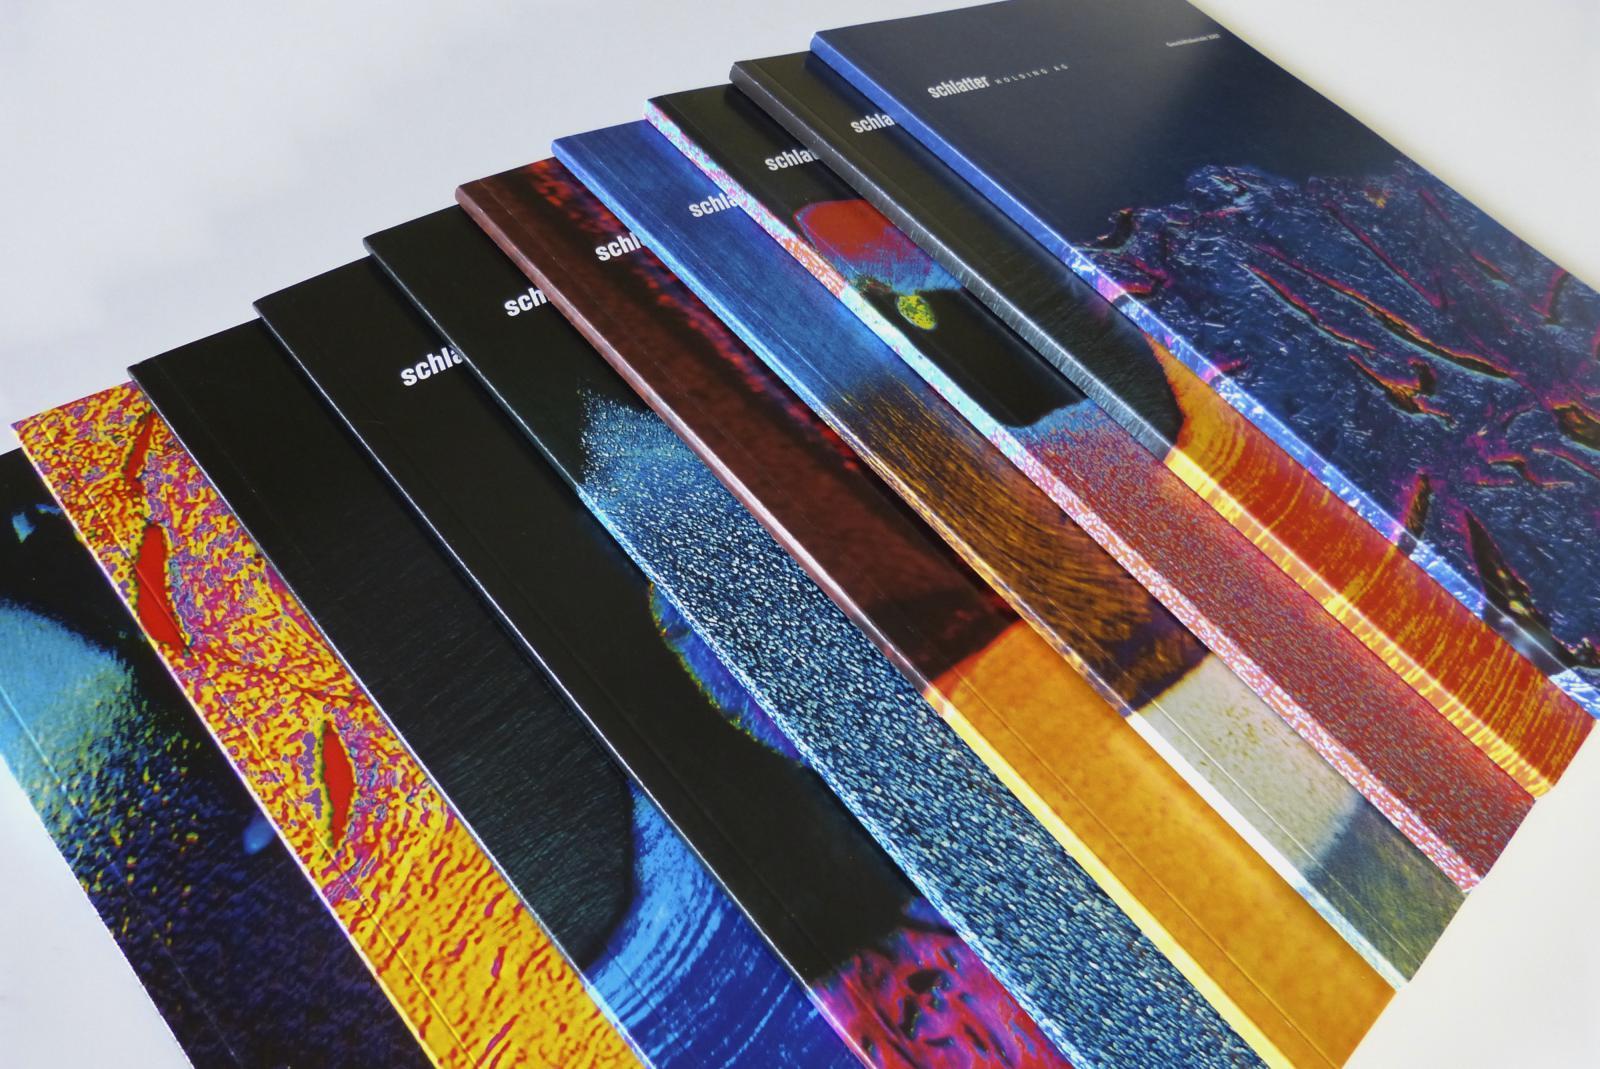 Titelblätter mit Mikroaufnahmen von Schweissstellen